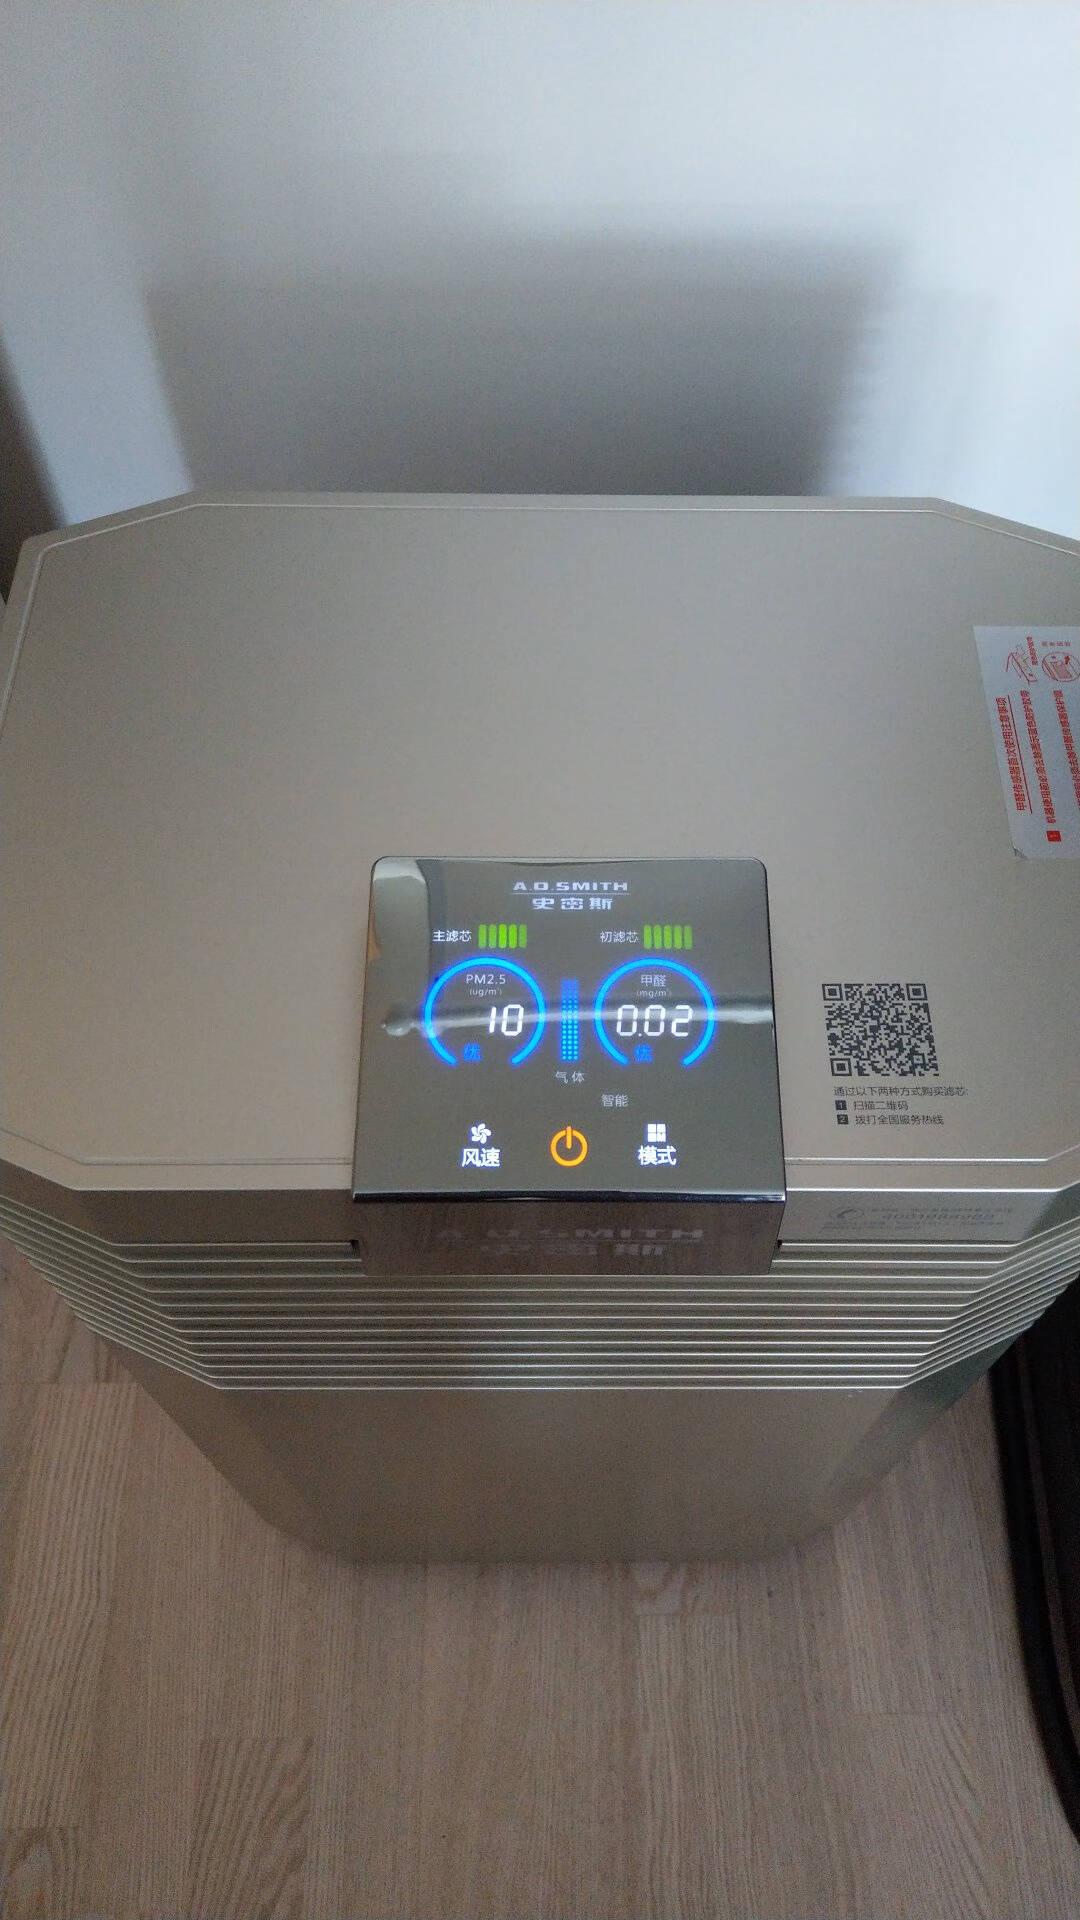 史密斯(A.O.Smith)空气净化器初滤网滤芯MERV7全系通用PF-001